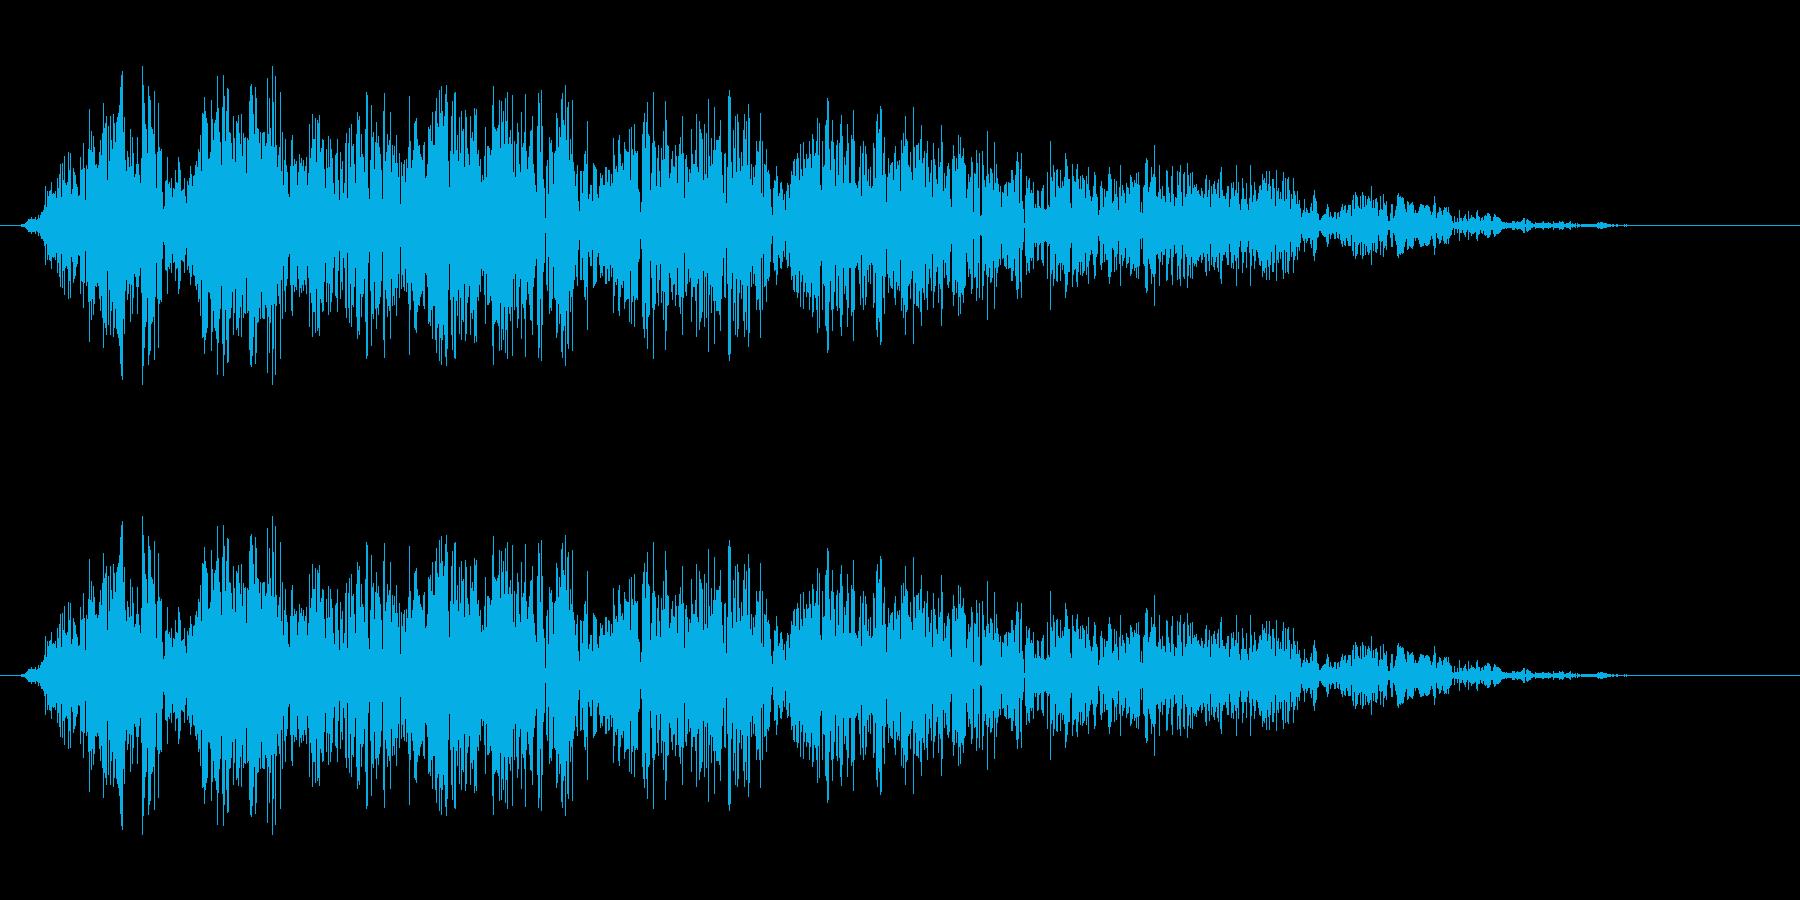 ビュシュワワ(回転系音)の再生済みの波形